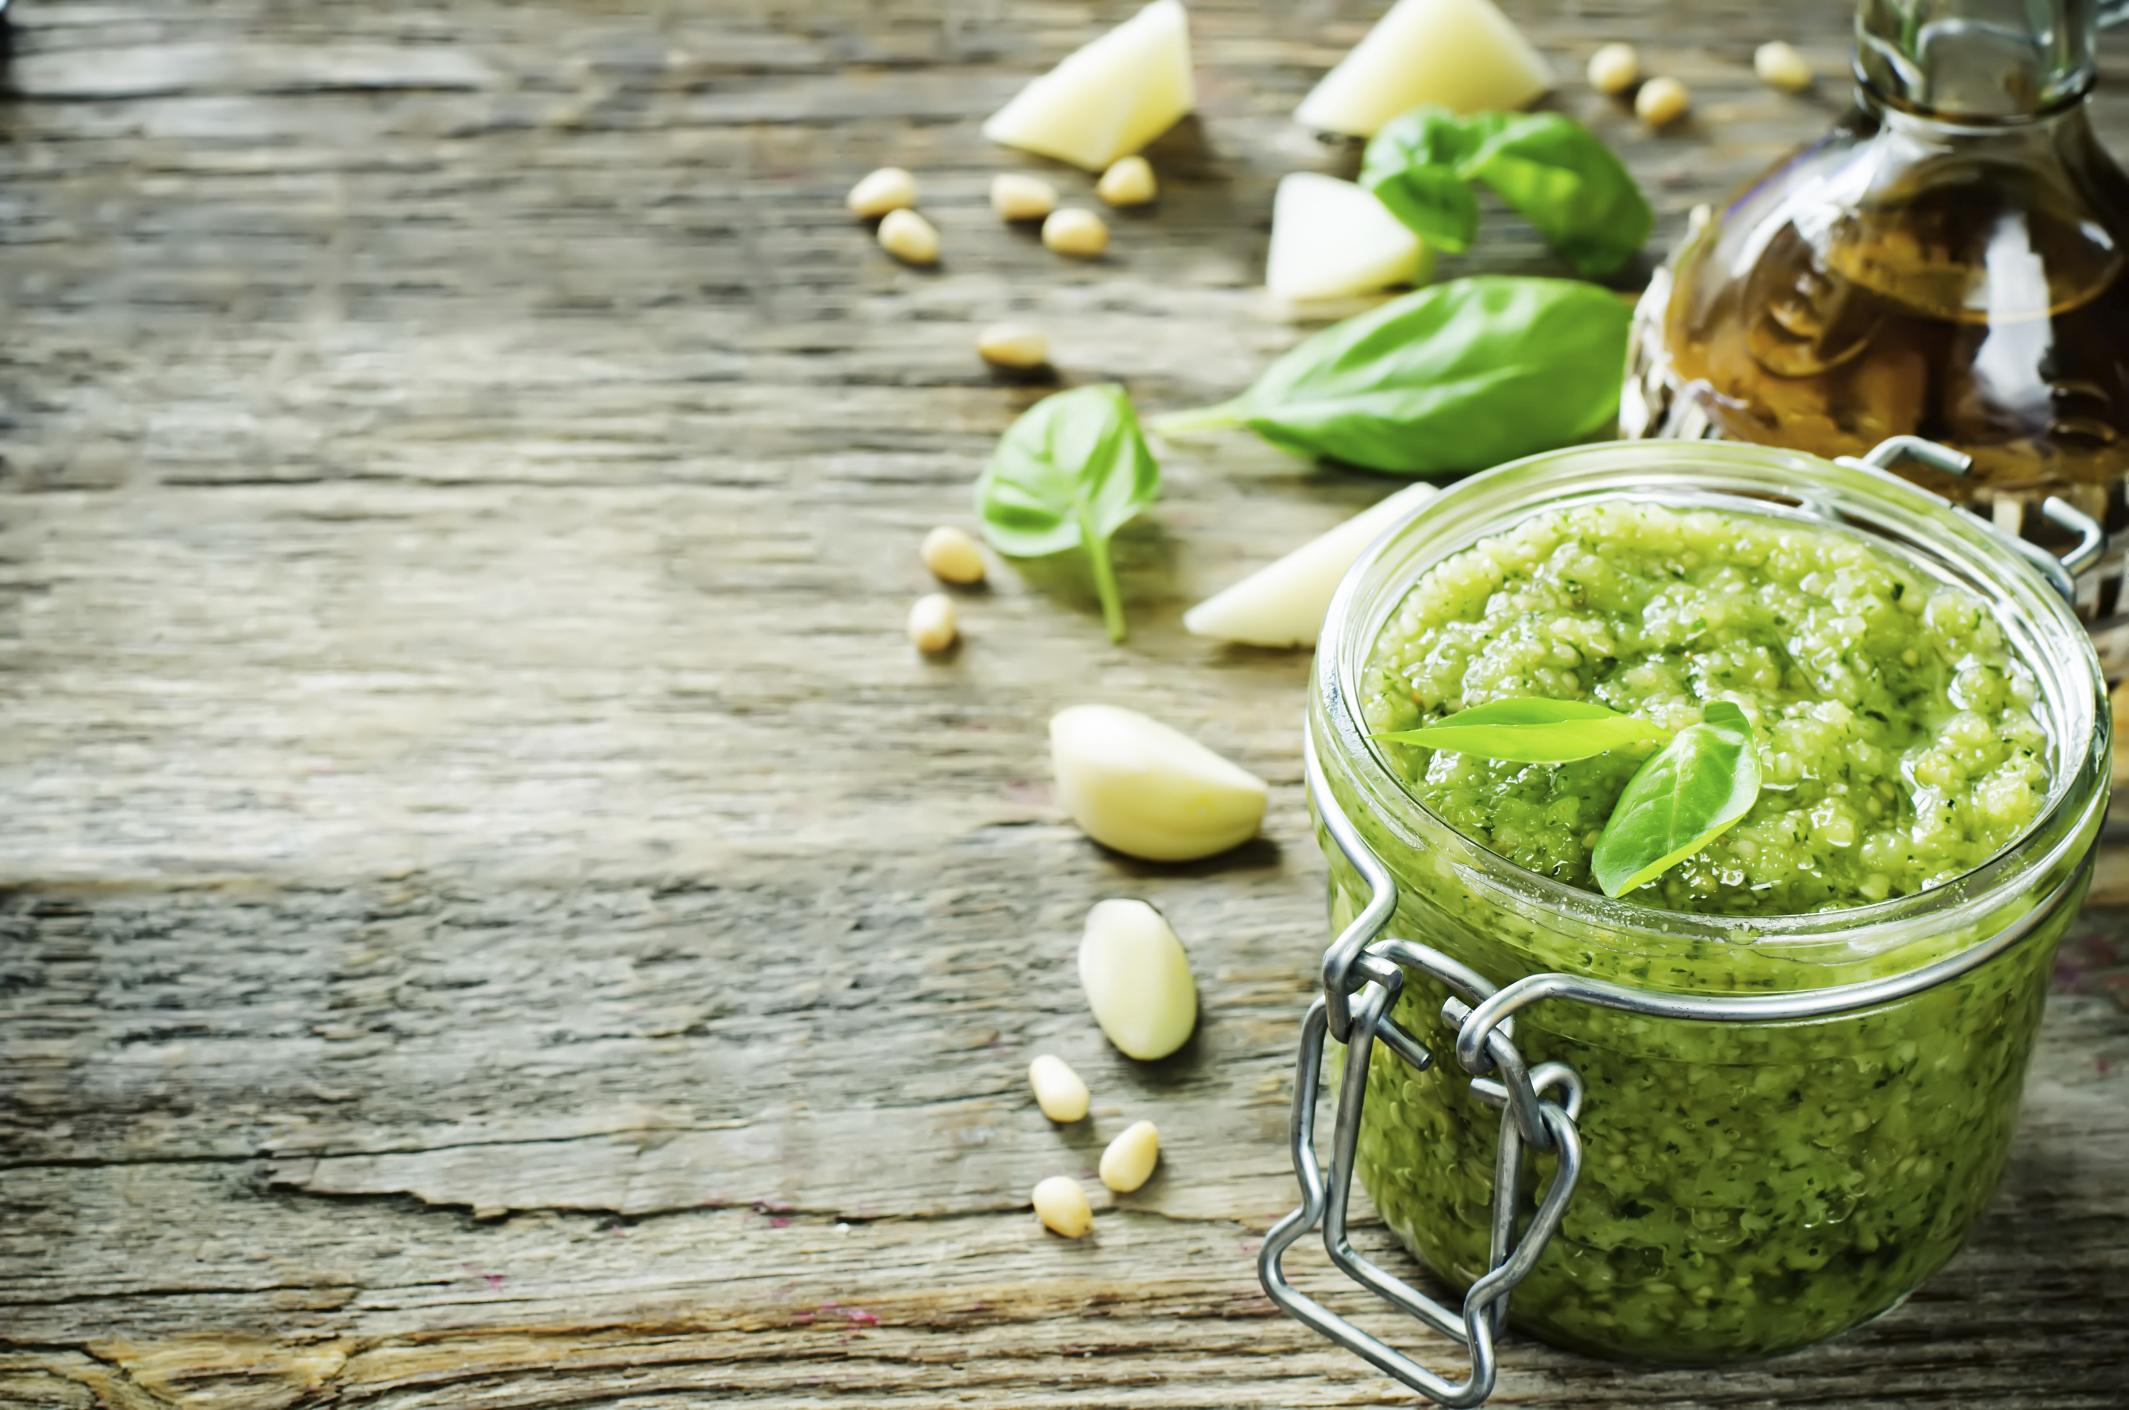 Frisch zubereitet: grünes Pesto